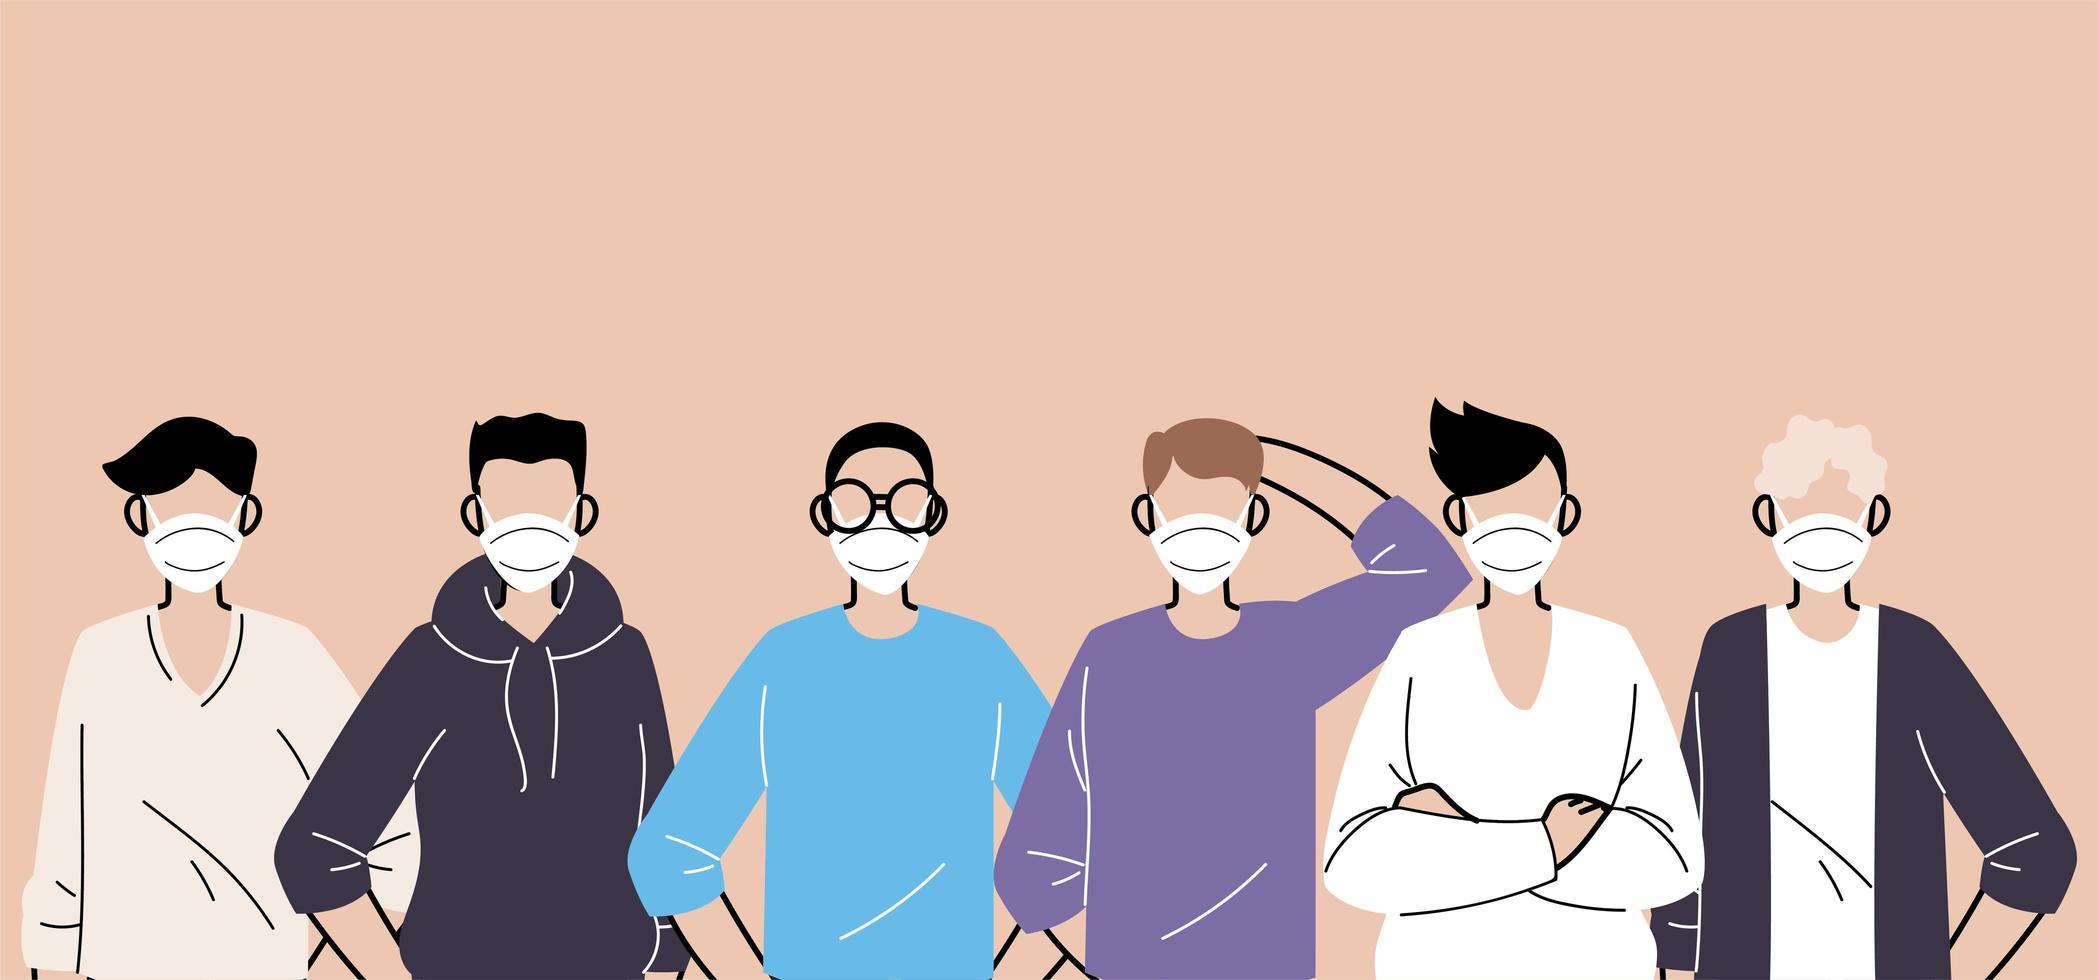 mensen met beschermende medische gezichtsmaskers vector